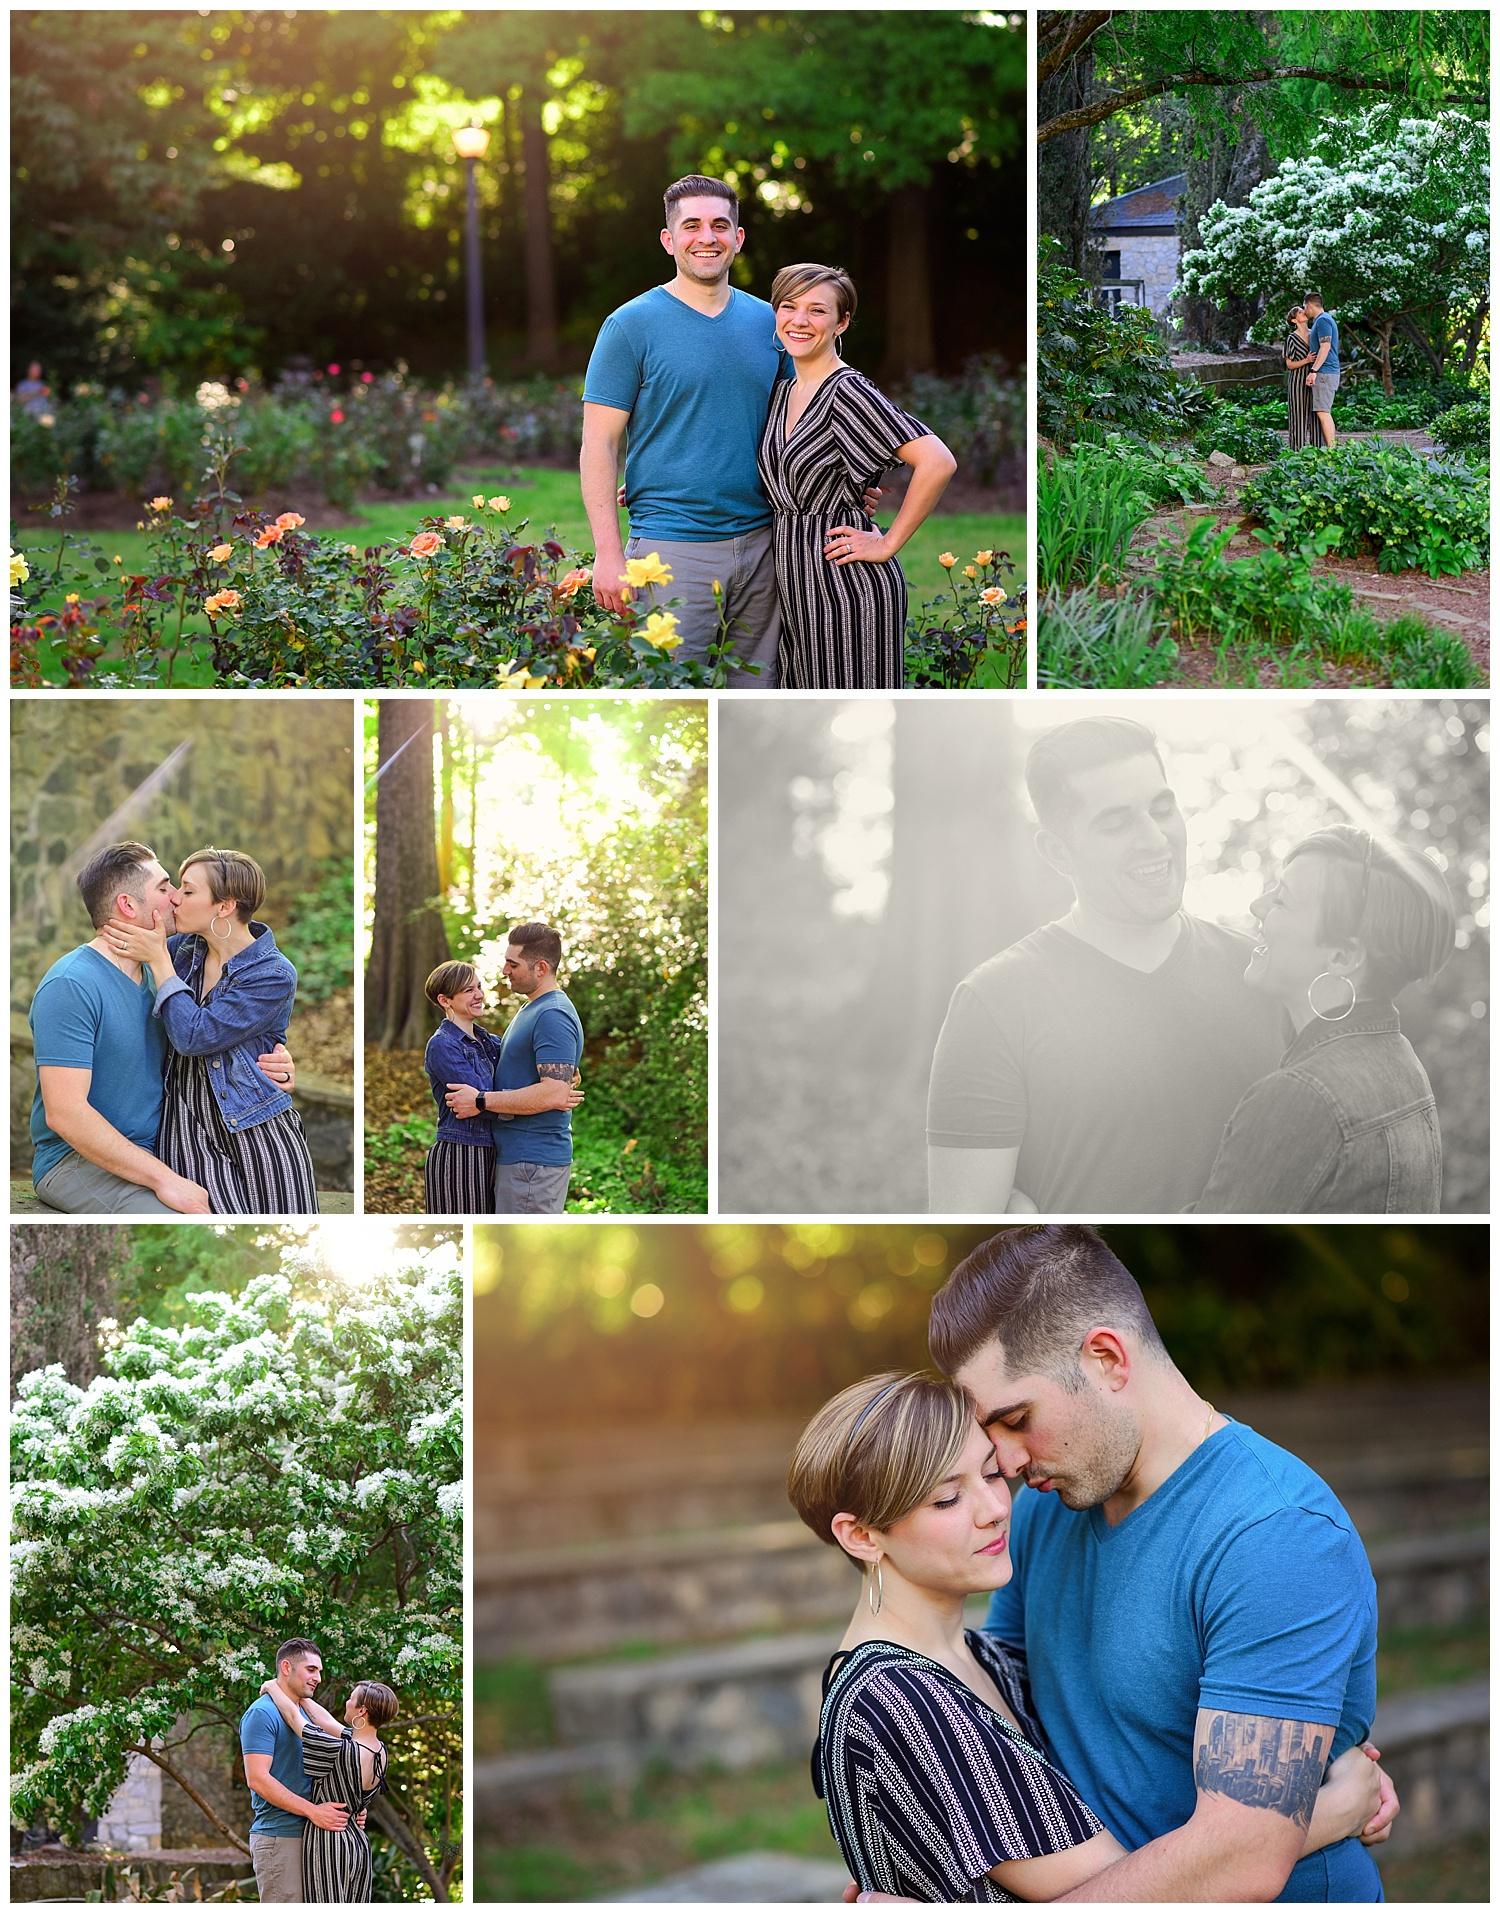 Rose Garden Anniversary Photos